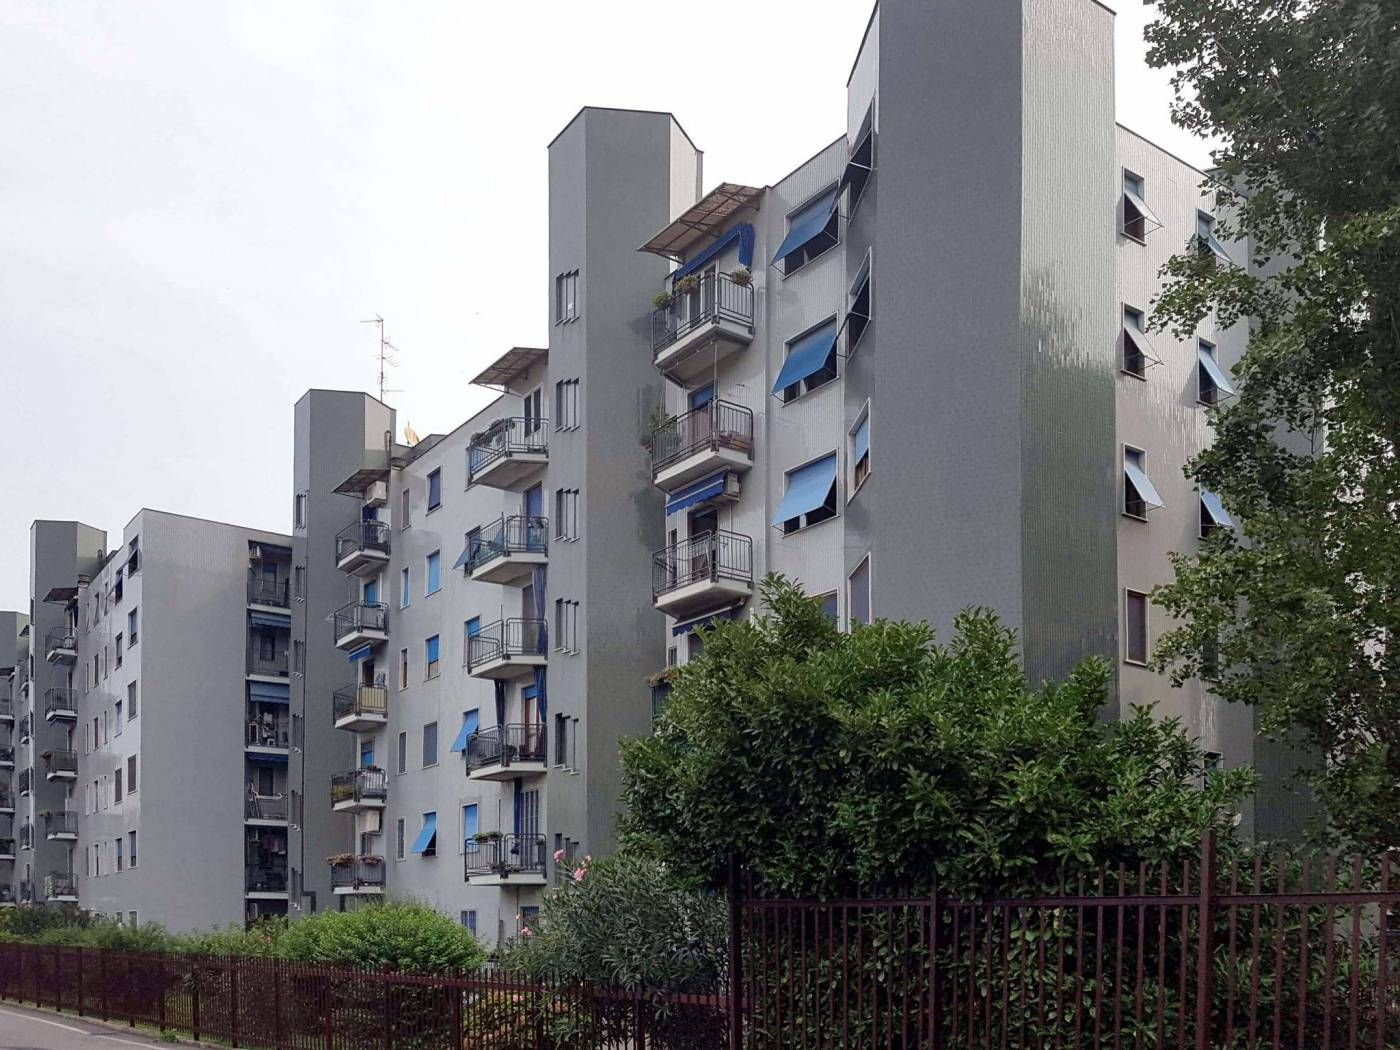 appartamento-in-vendita-milano-baggio-san-siro-forze-armate-quadrilocale-4-locali-quattro-spaziourbano-immobiliare-vende-1